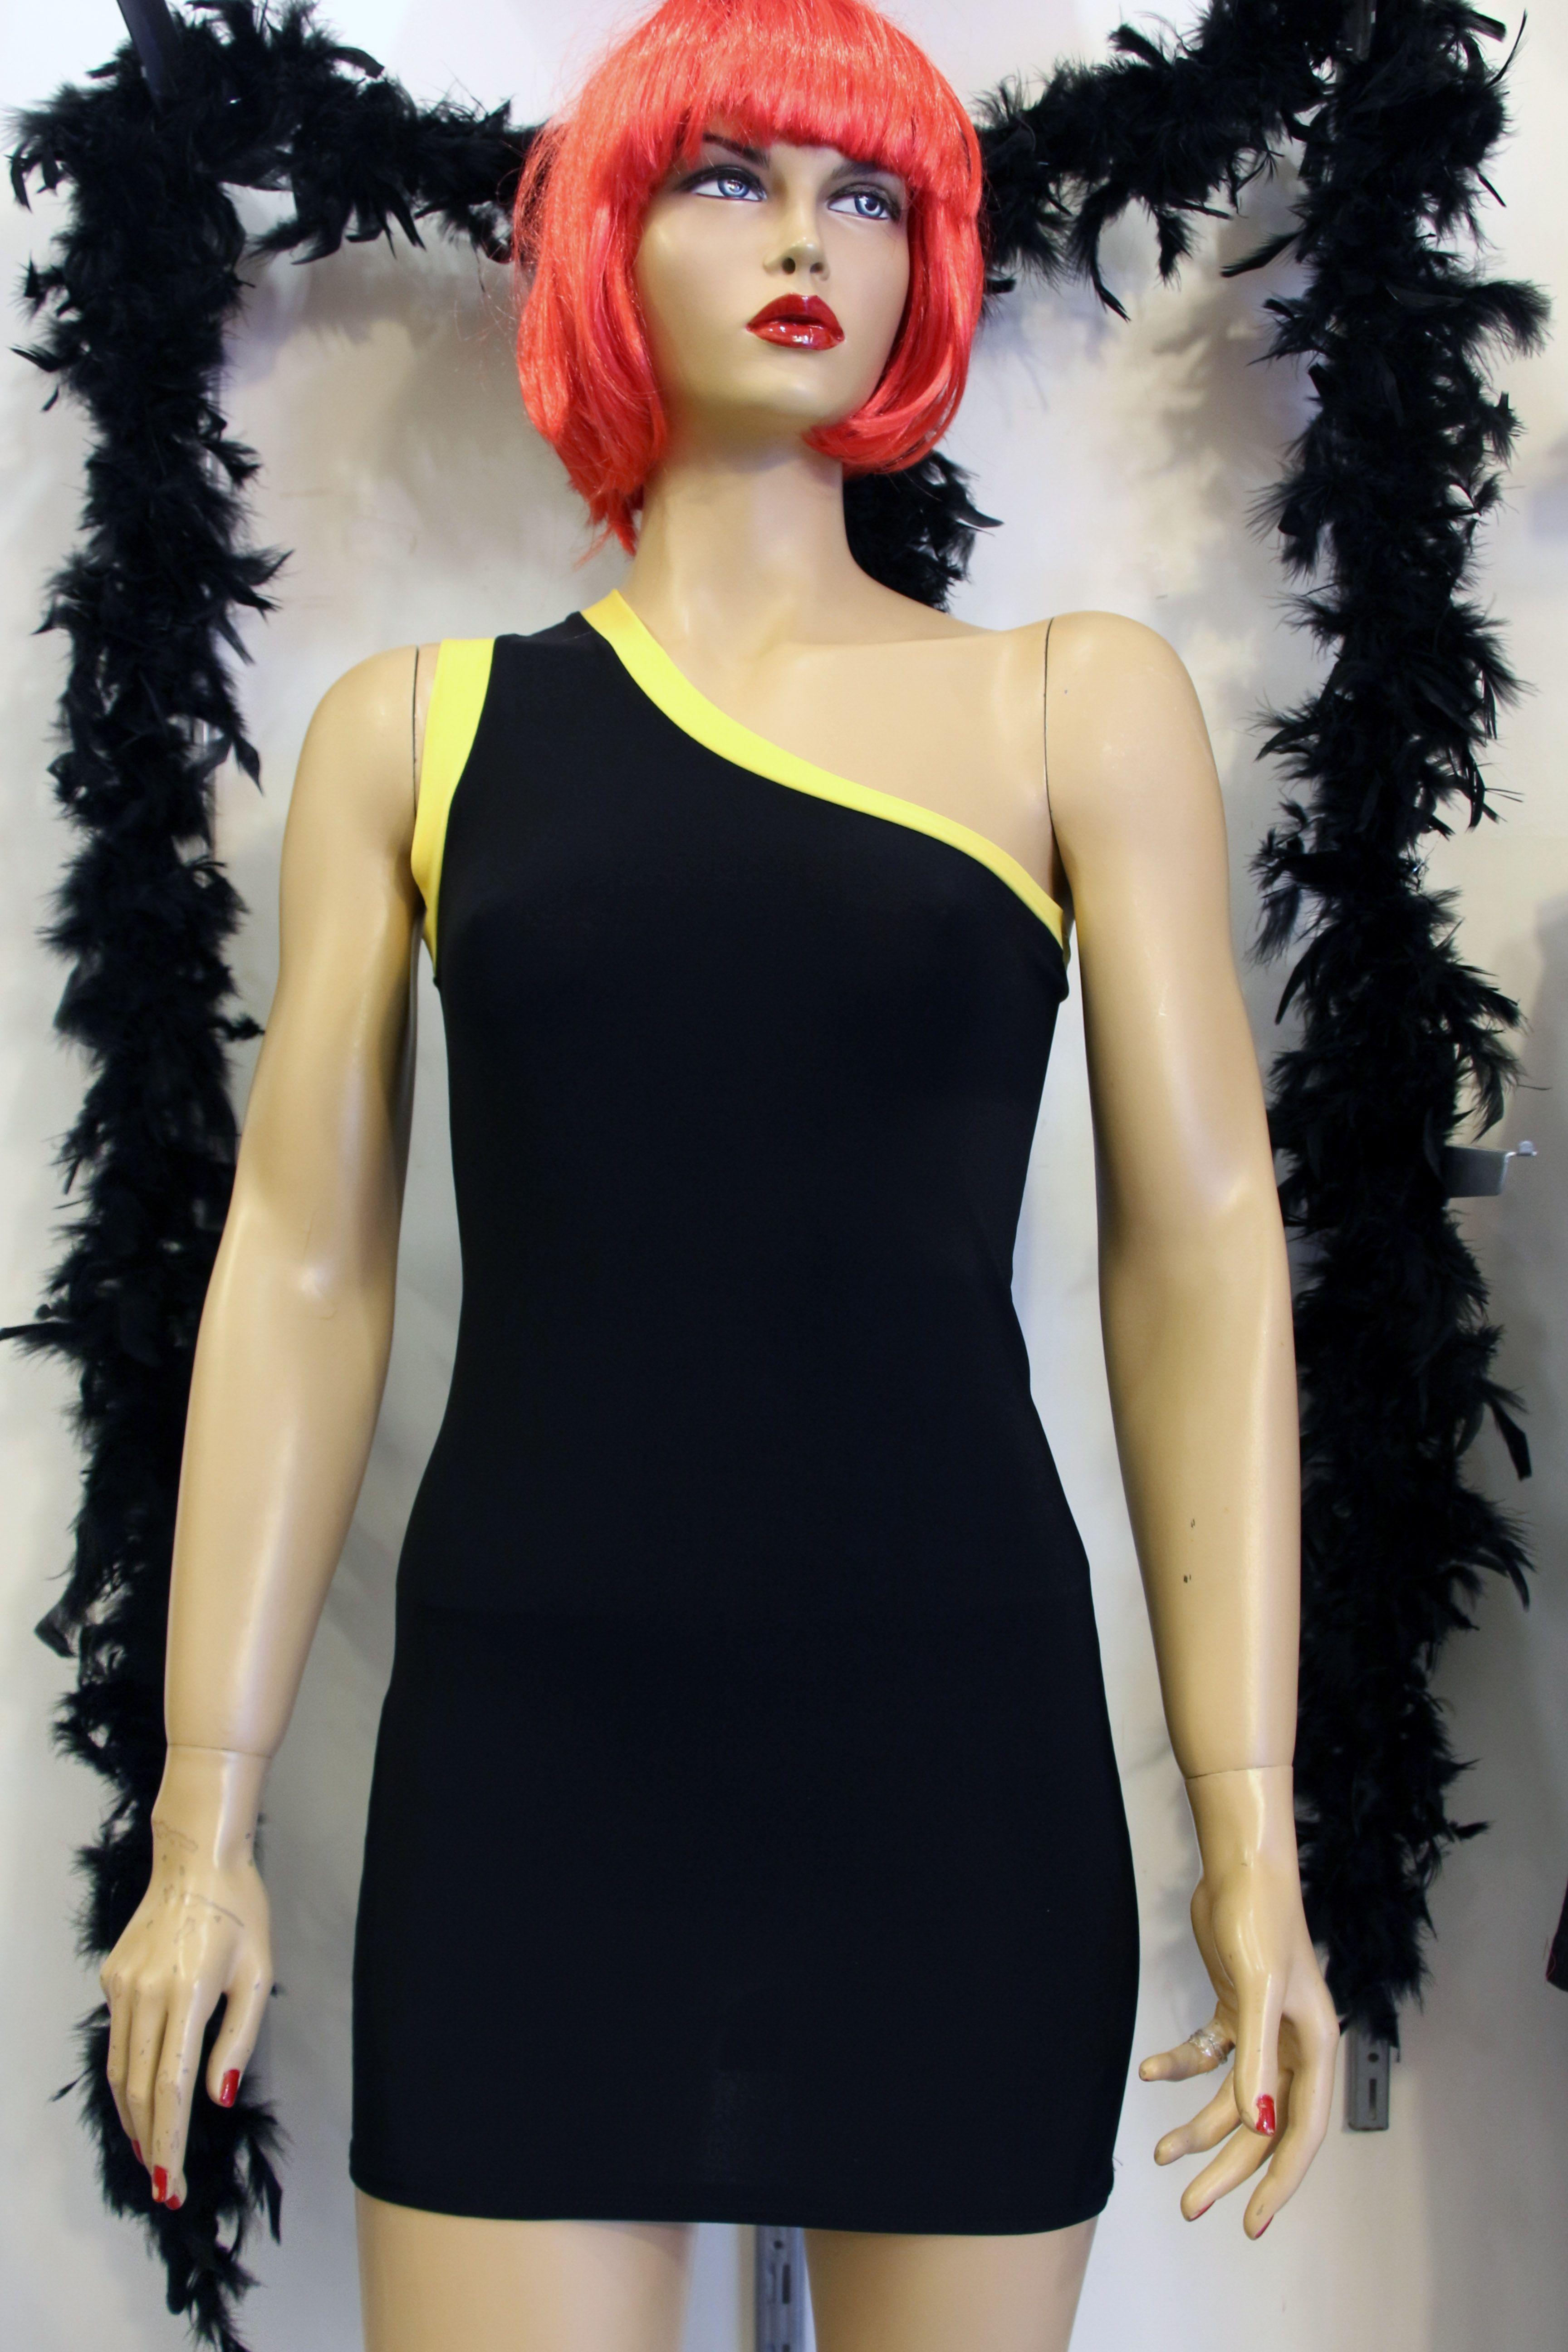 Tek Omuz Mini Spor Siyah Abiye Bayan Elbise Modelleri Gece Kiyafetleri Elbise Clubwear Siyah Abiye